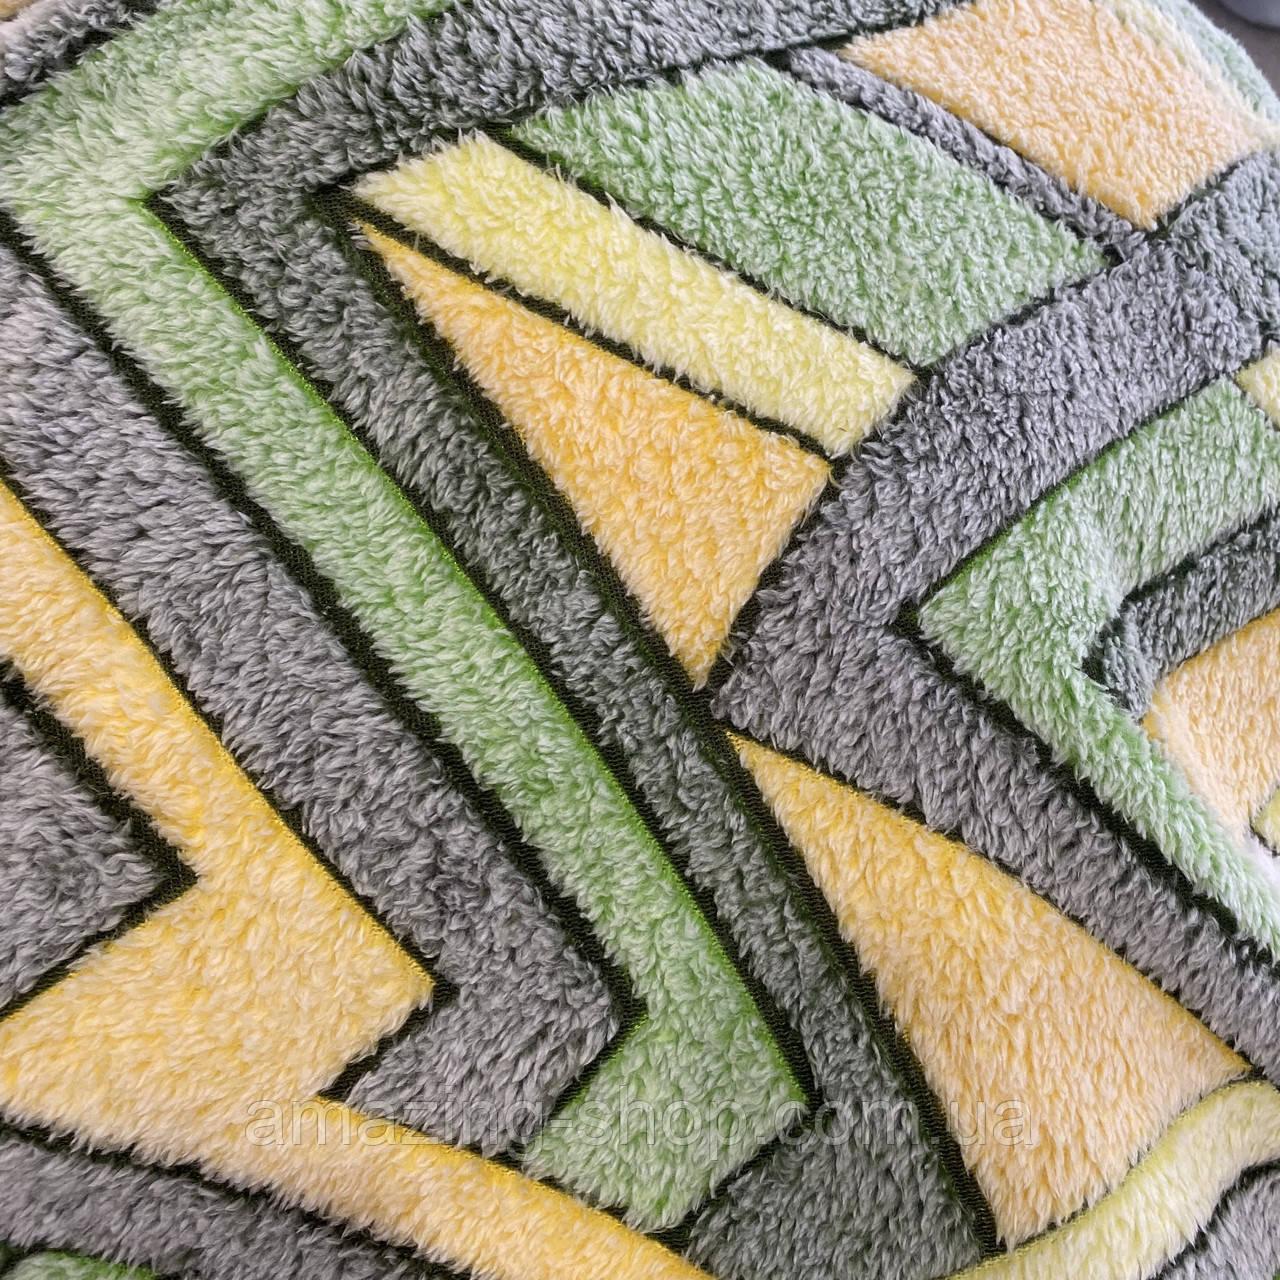 Покрывало плед из бамбукового волокна ( микрофибра)  Размер 150*200 см.